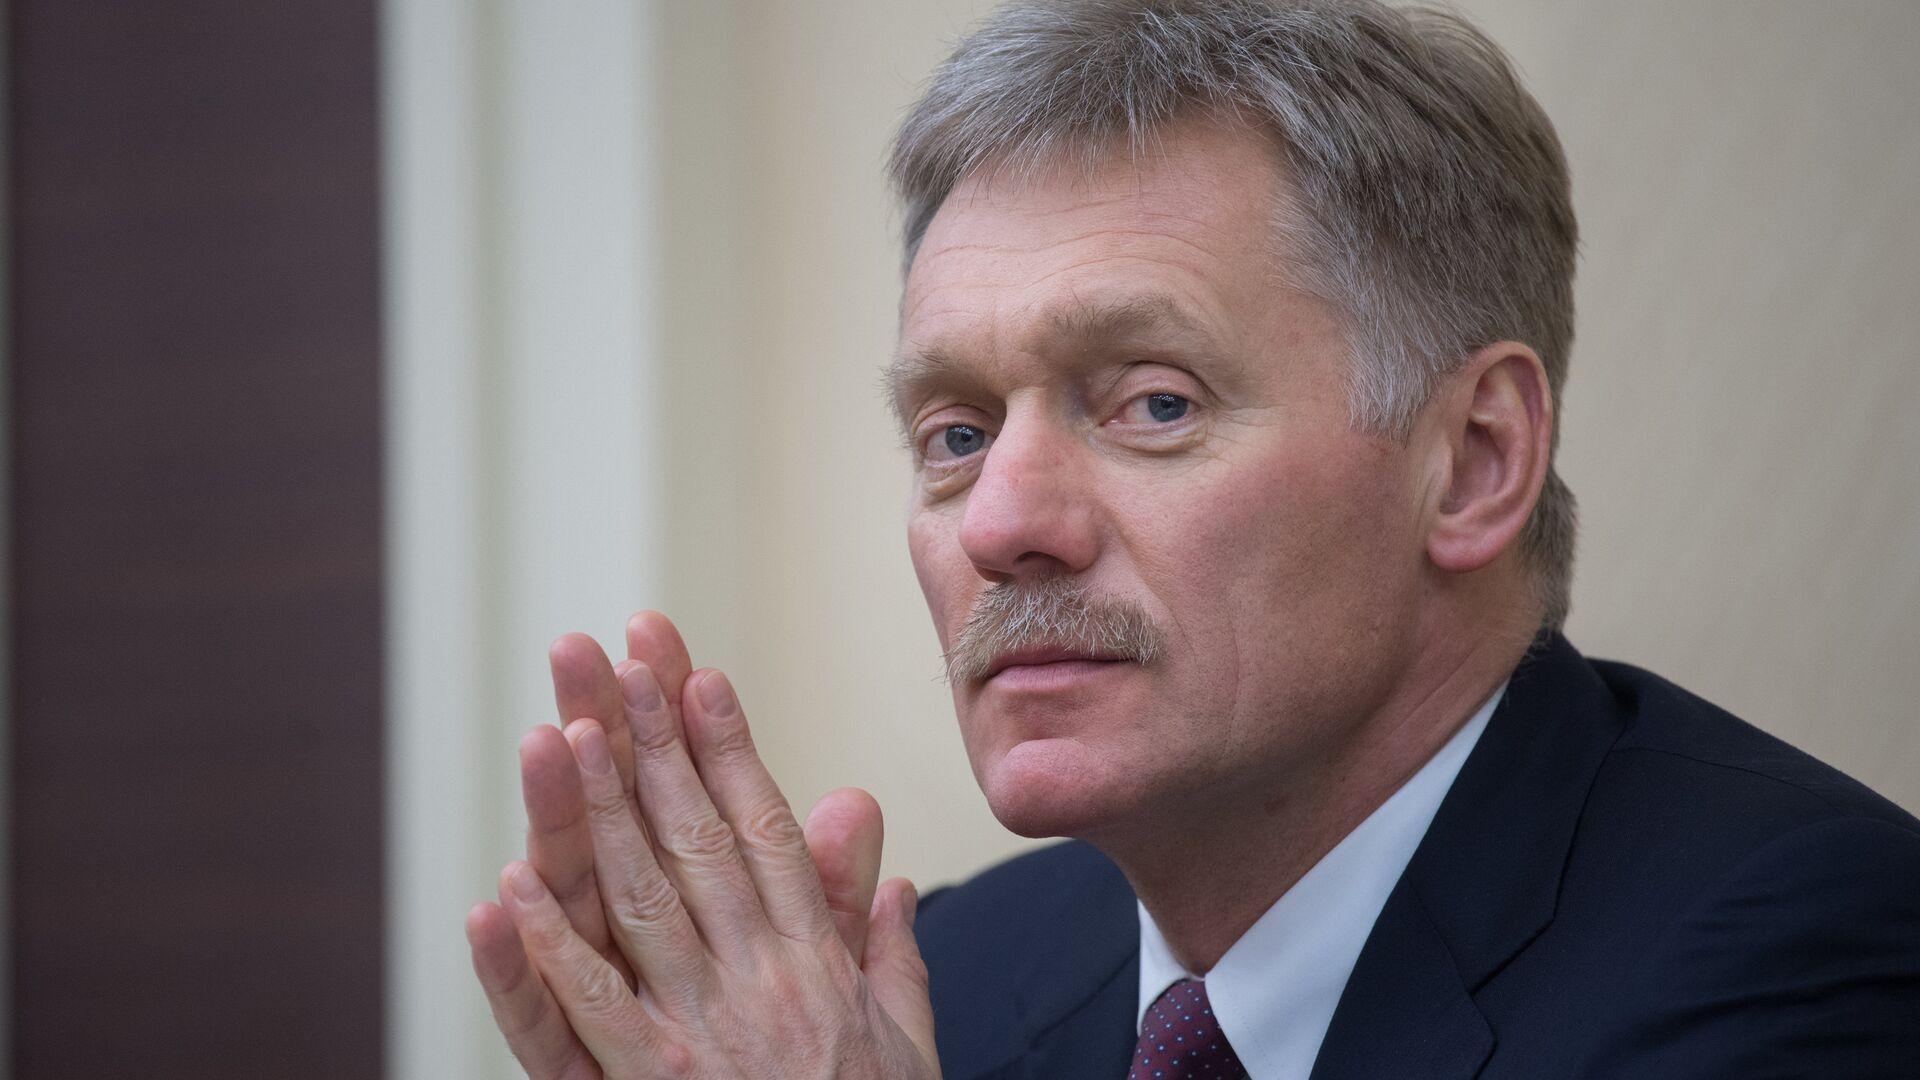 1513997996 0:160:3072:1888 1920x0 80 0 0 482daee635237c51f685dfa605fba62d - Песков ответил на сообщения о планах Навального подать на него в суд